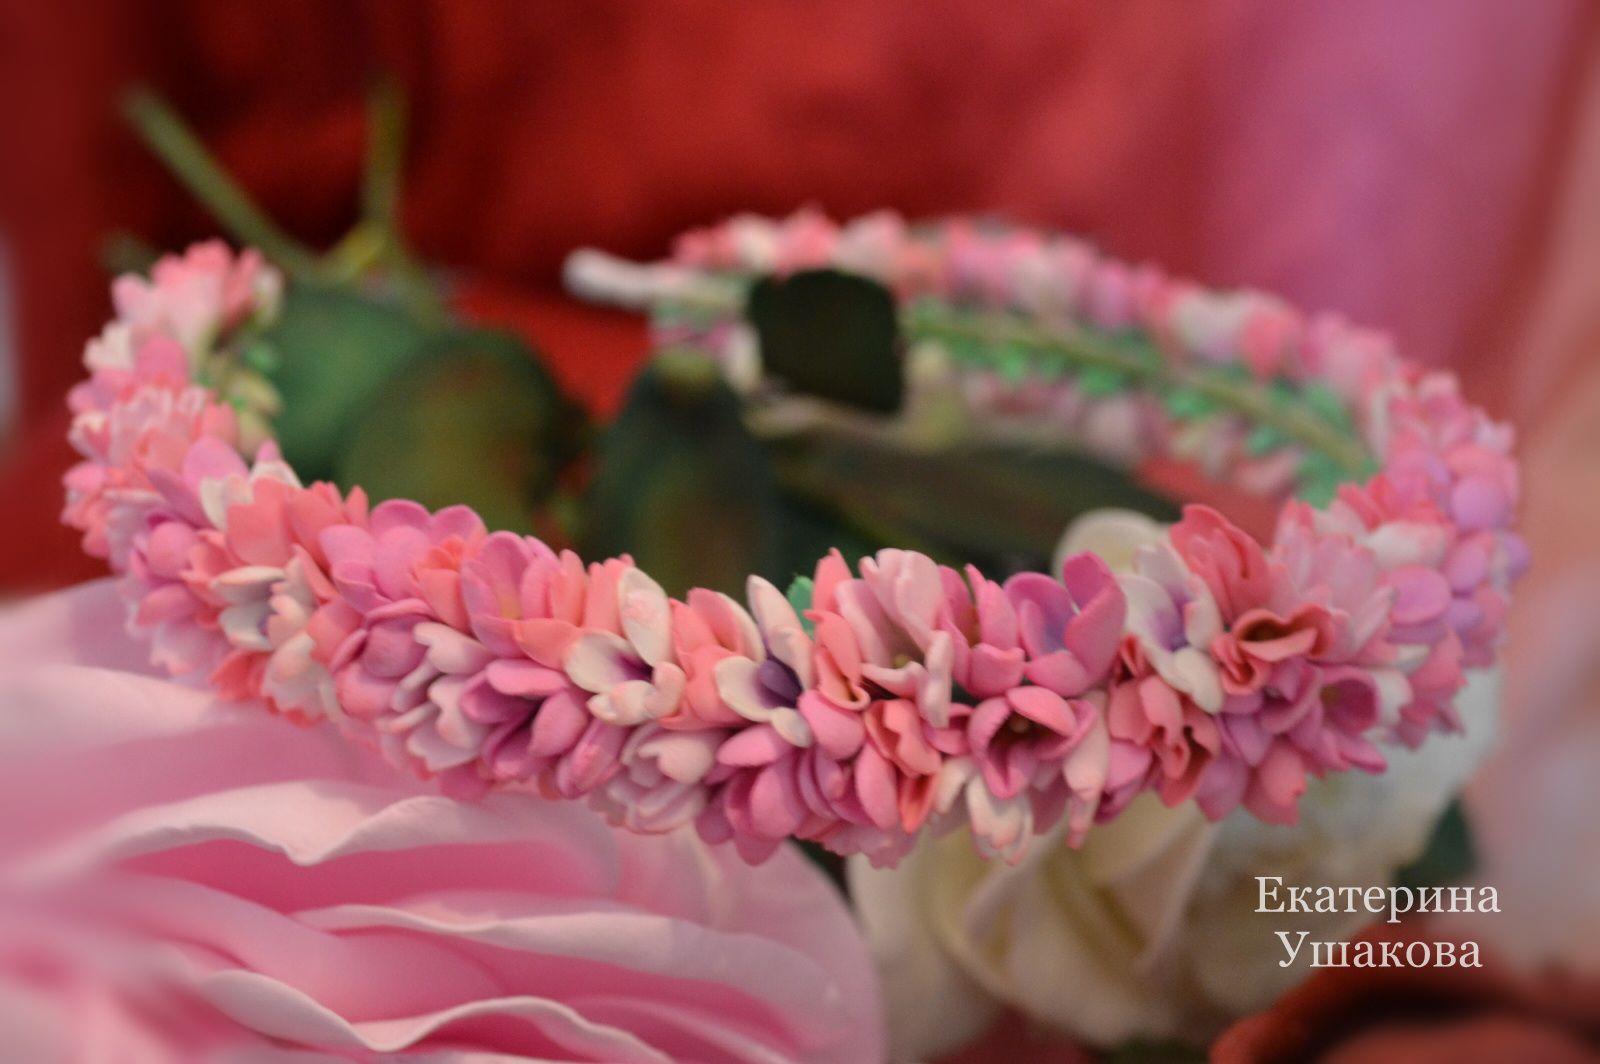 headband women flowers handmade